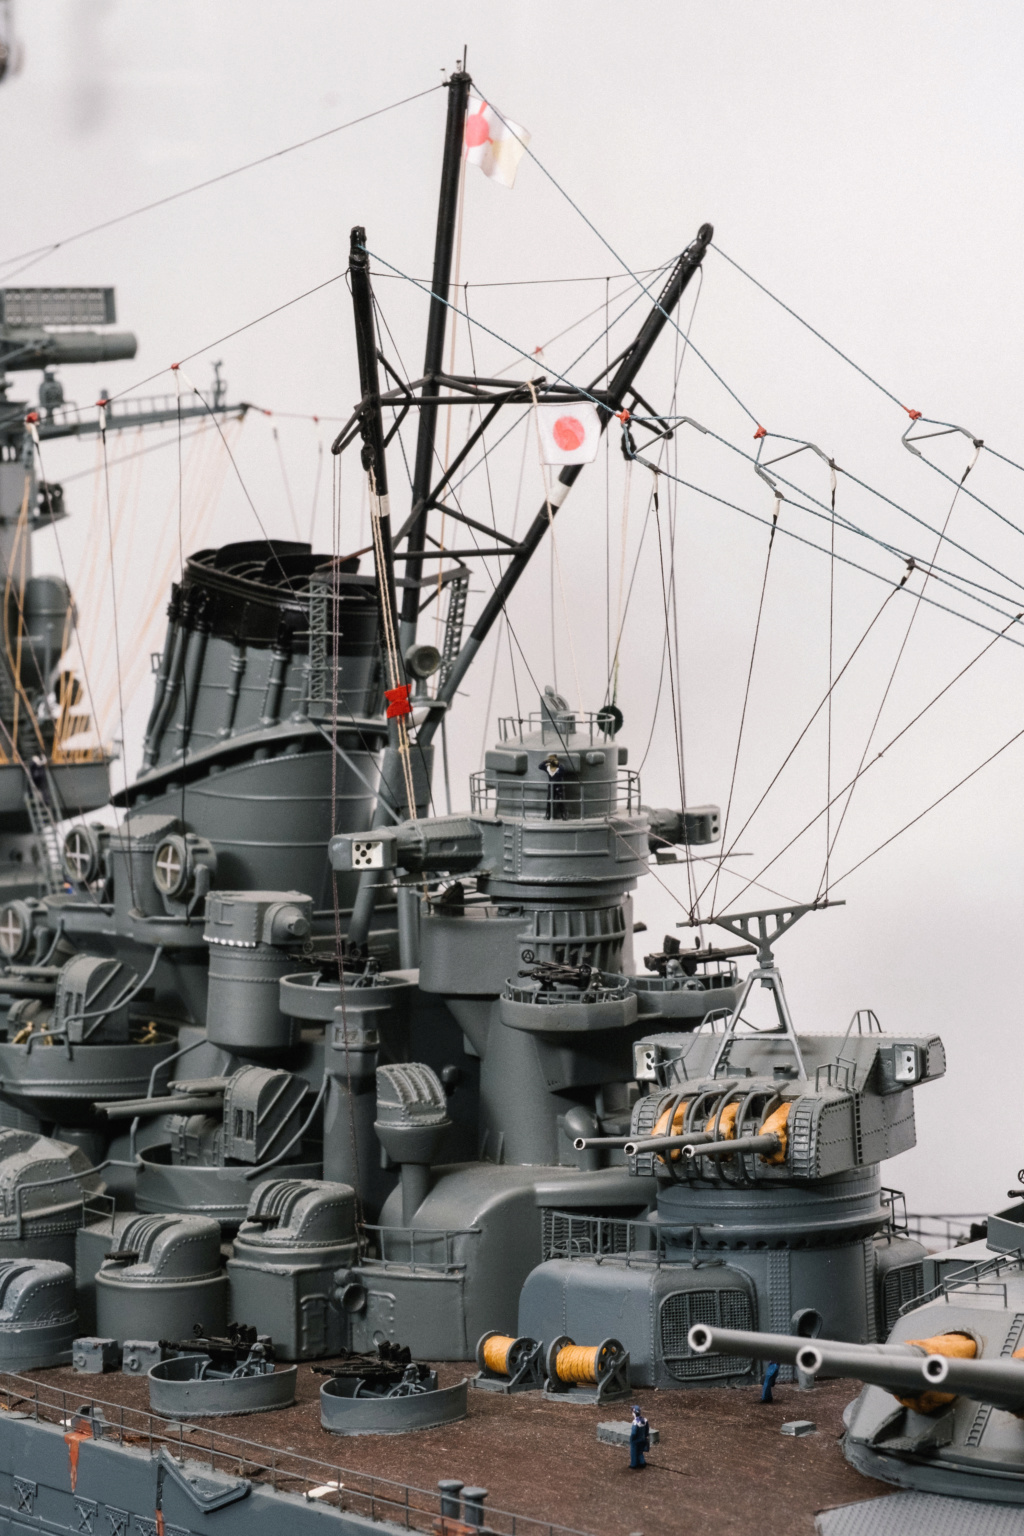 Yamato, un jour de janvier 1945 Modèle RC au 1/150 dans sa vitrine d'exposition - Page 2 Yamato14